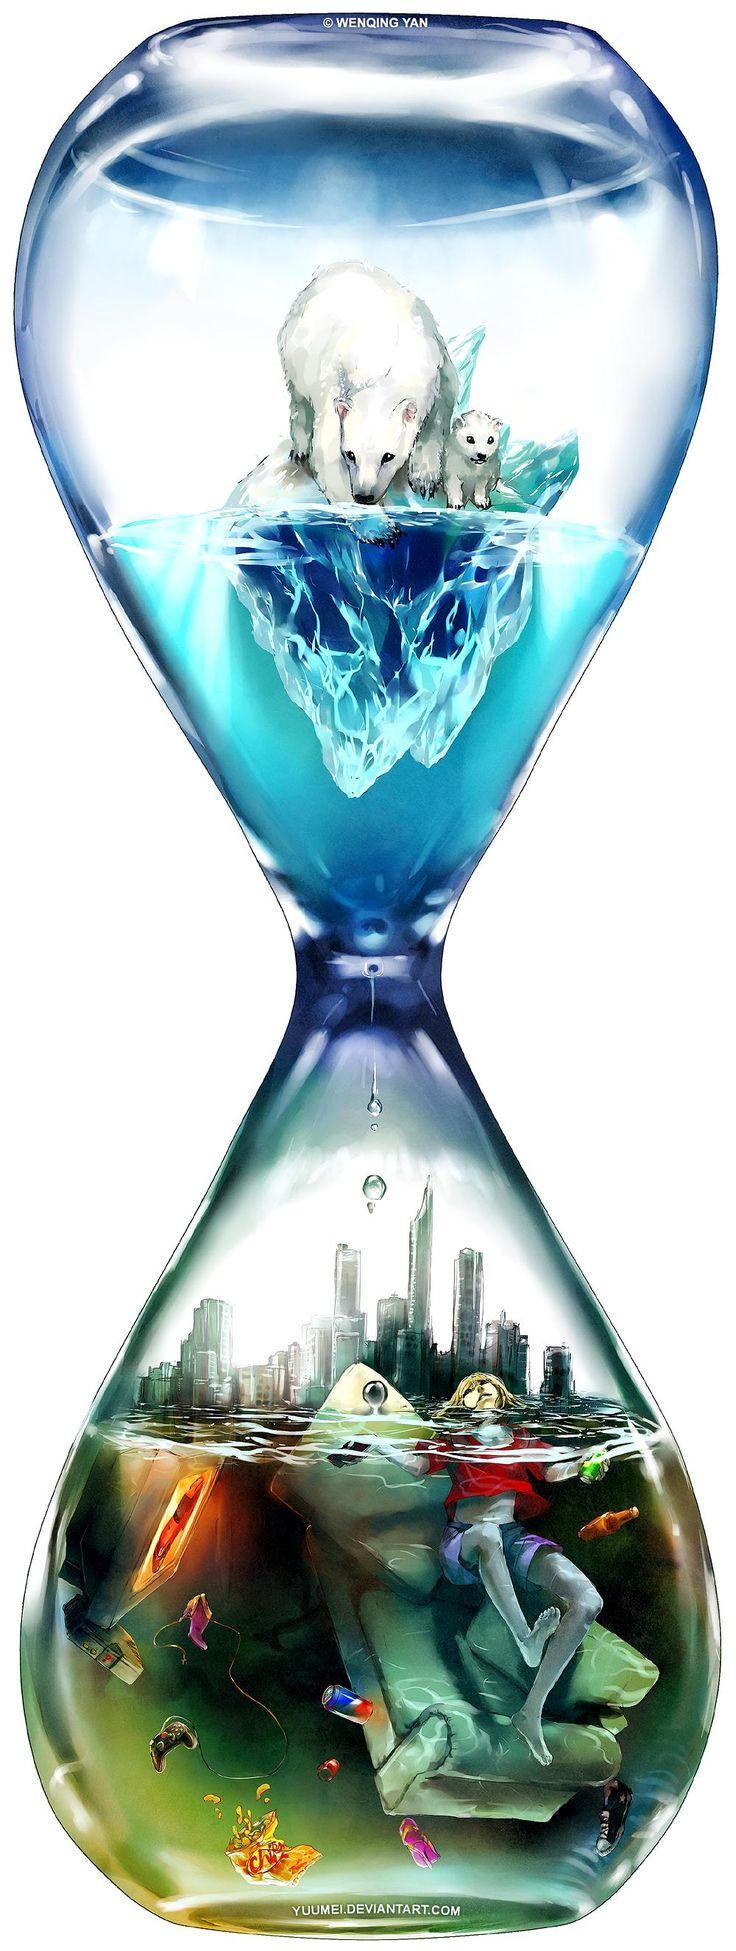 Le temps s'écoule.